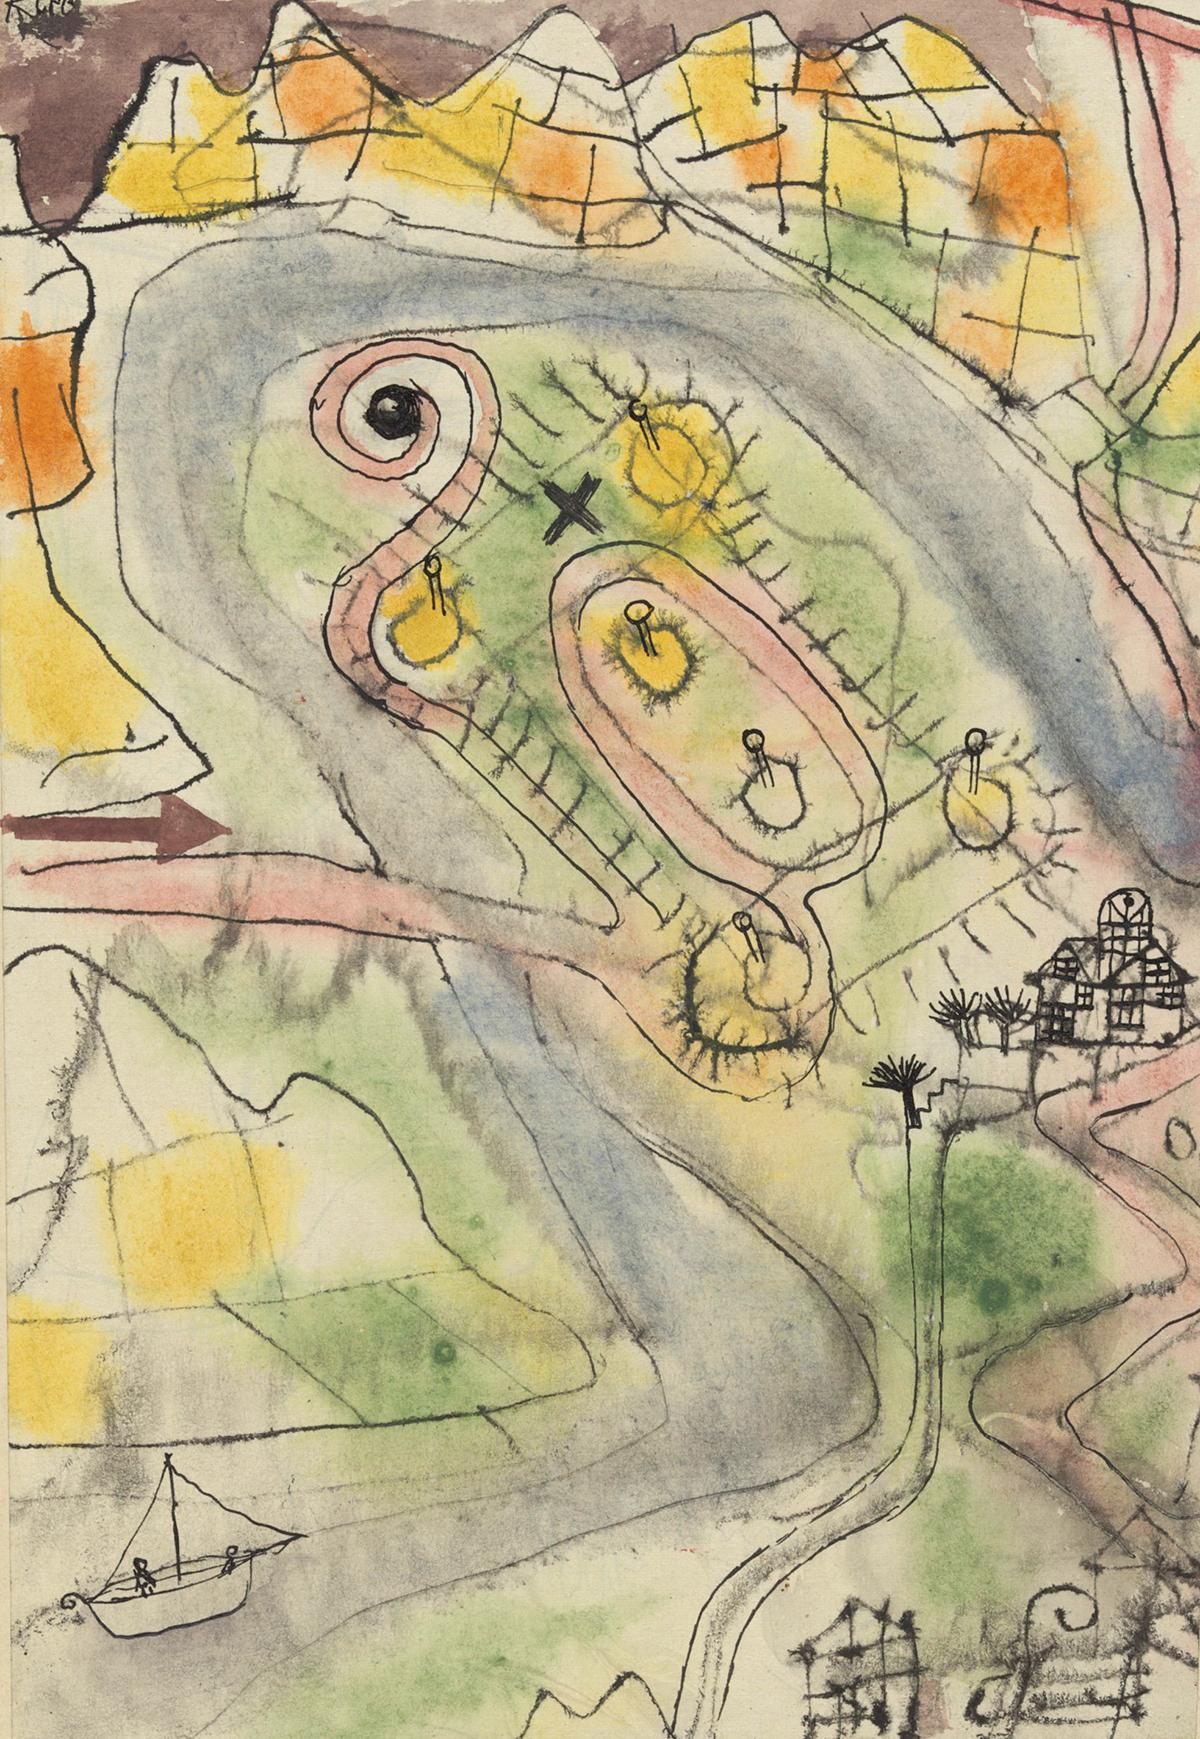 Paul Klee, Landschaft mit dem Lustgarten, 1924 © Privatbesitz, Schweiz, Depositum im Zentrum Paul Klee, Bern